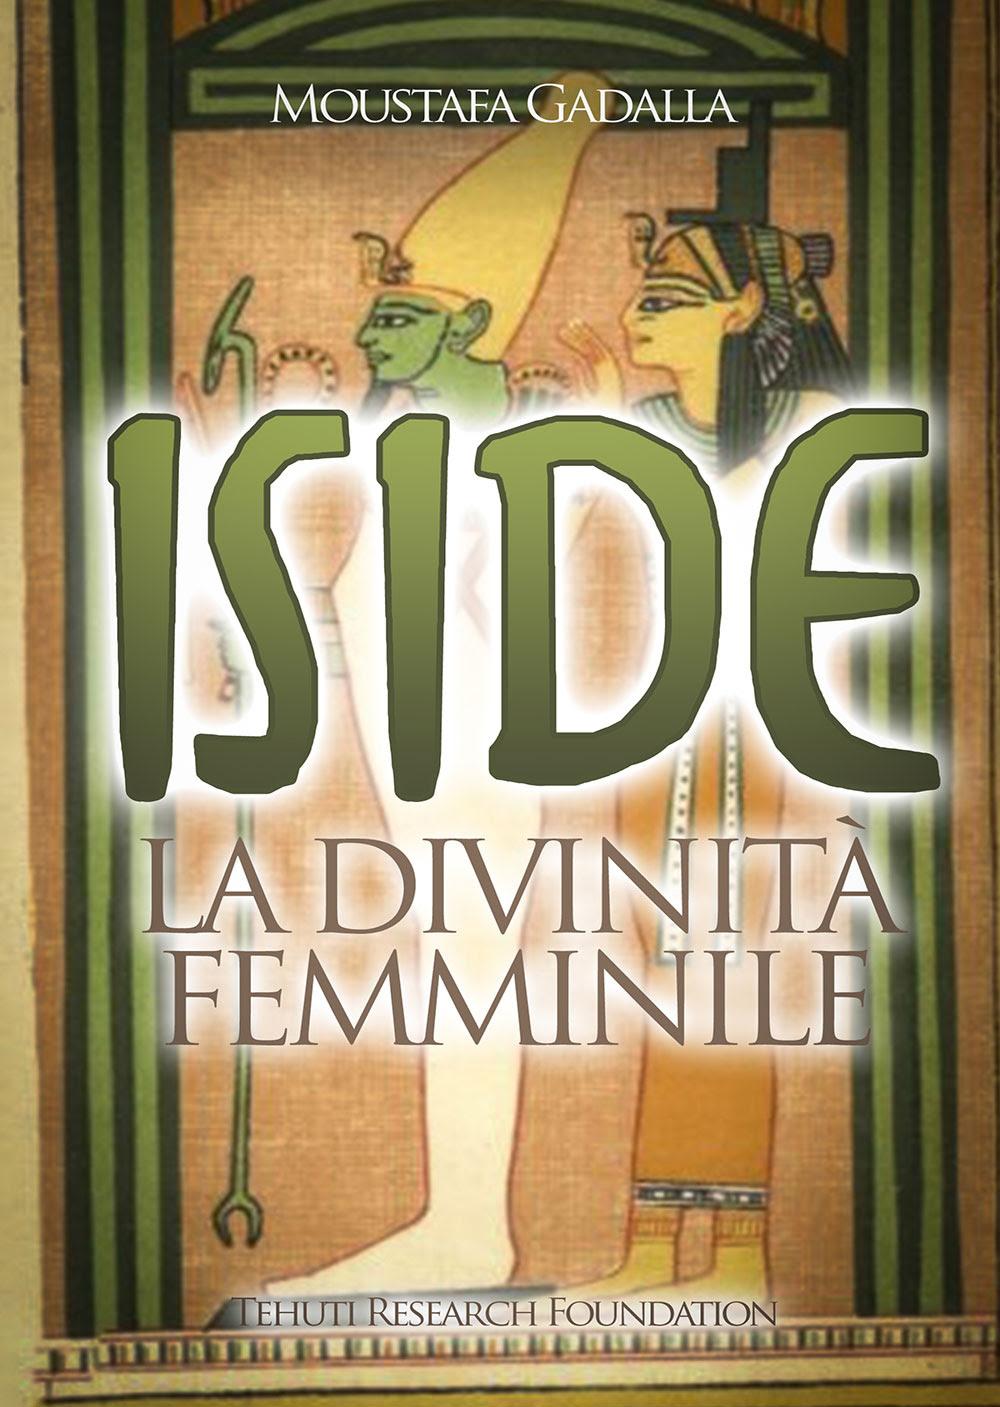 Iside - La divinità femminile